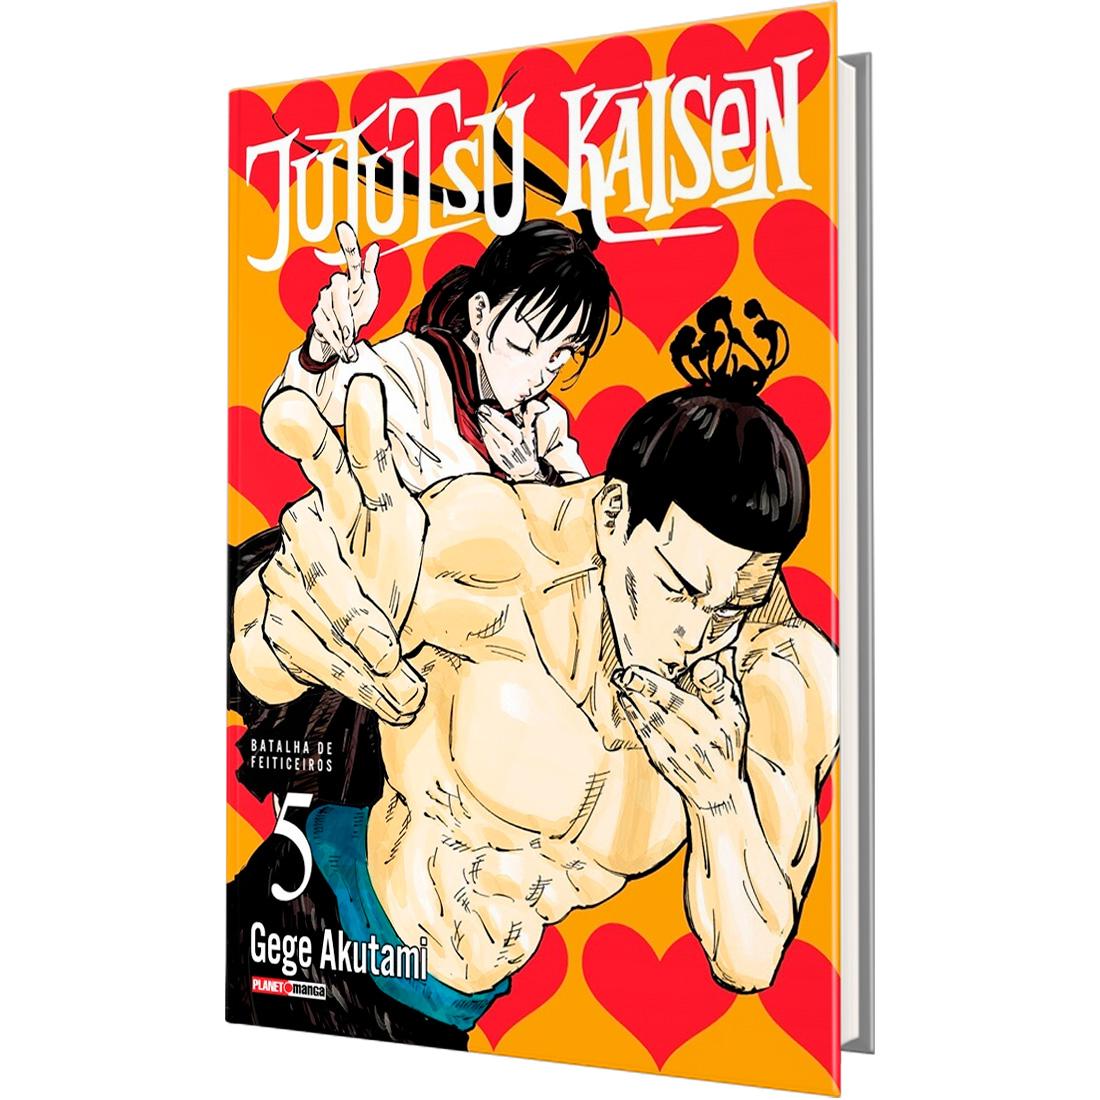 Jujutsu Kaisen - Batalha de Feiticeiros Vol. 5